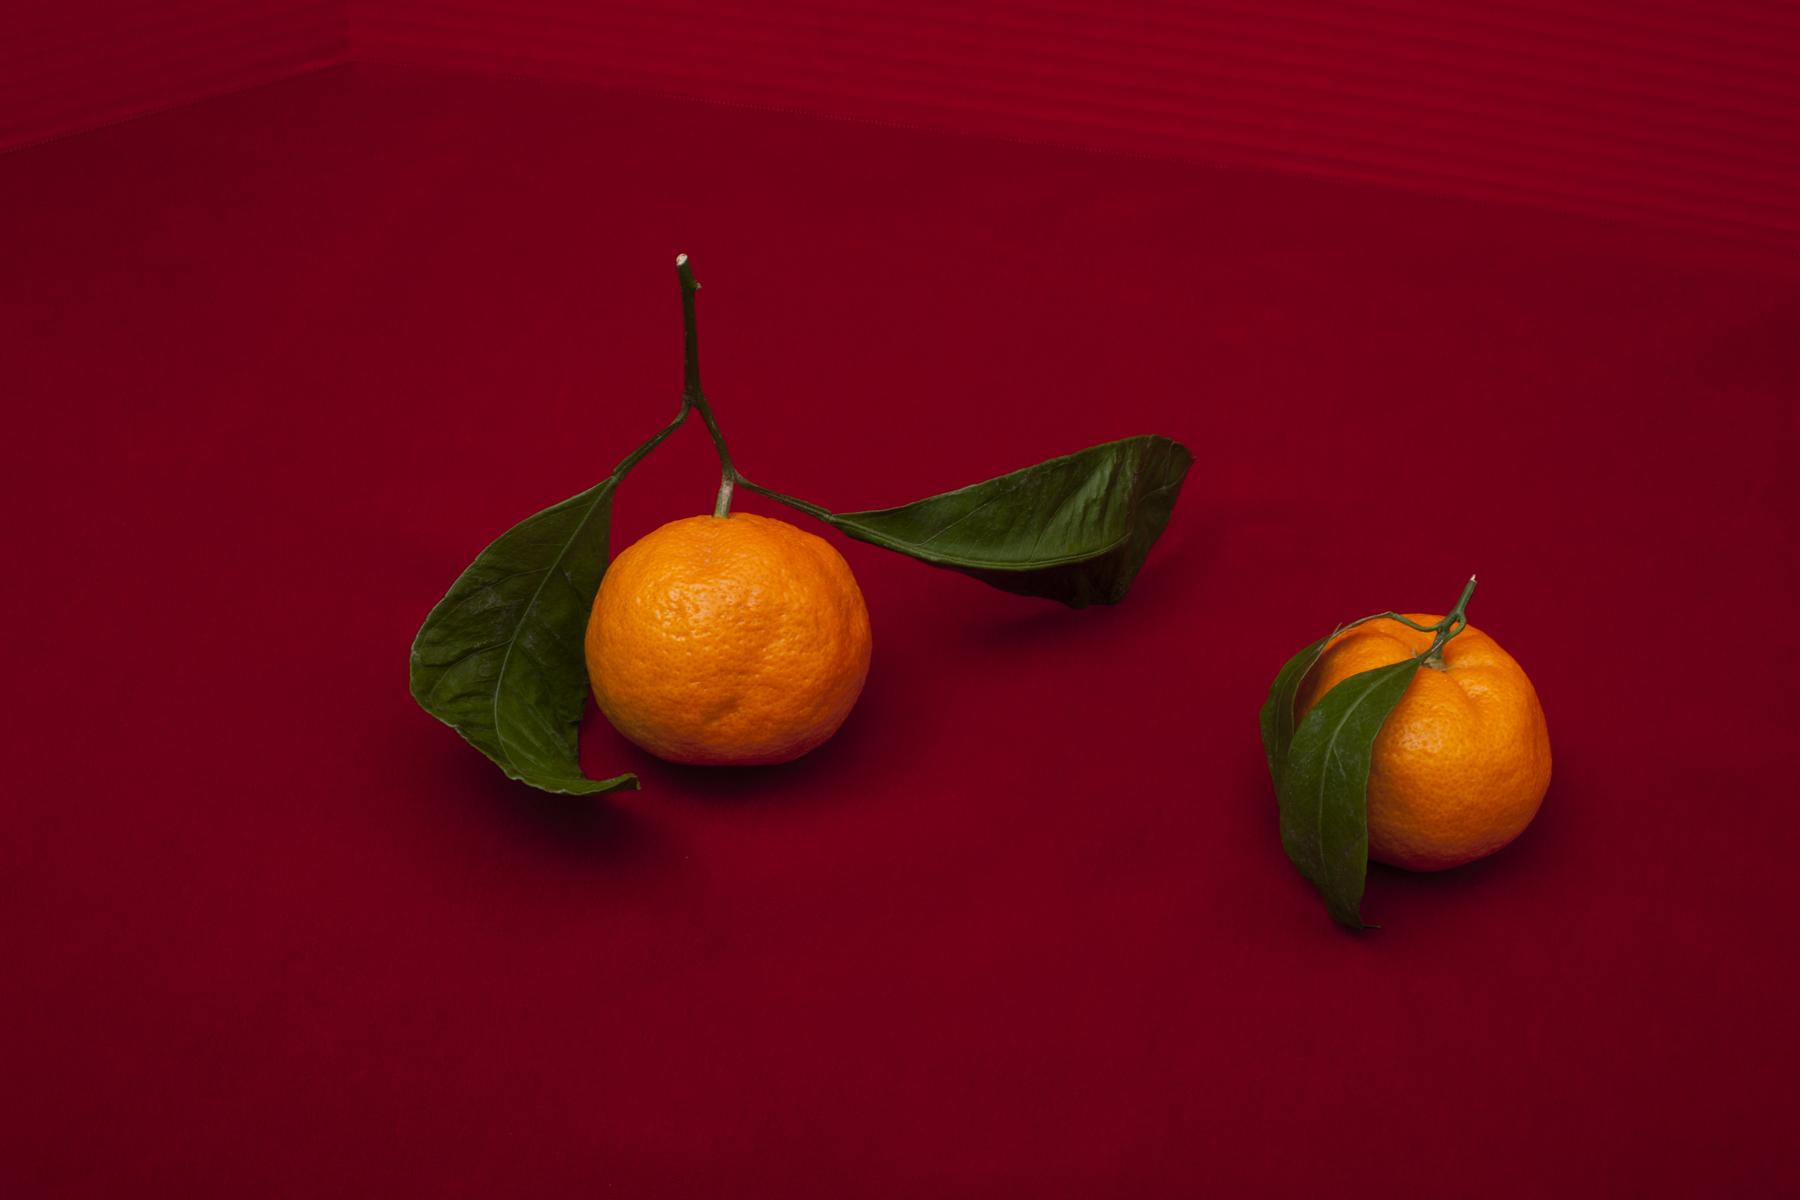 mandarinonred036.jpg